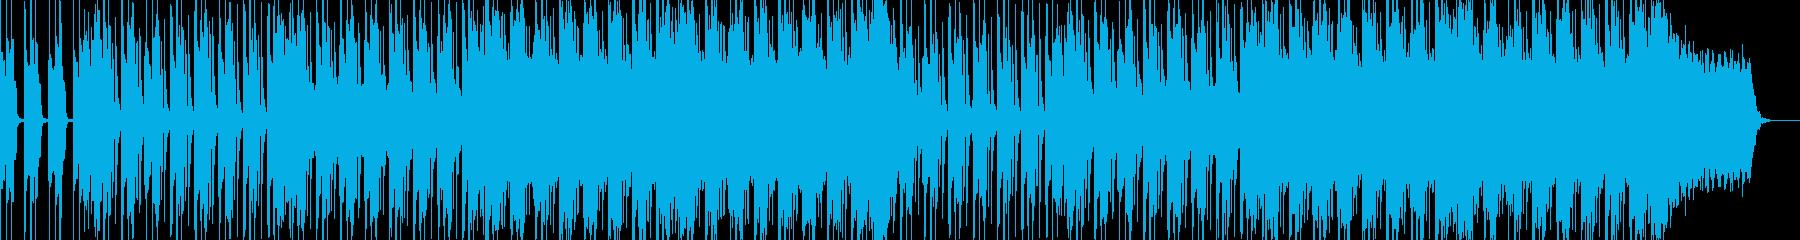 ロック、ミディアムテンポ、シンセリードの再生済みの波形